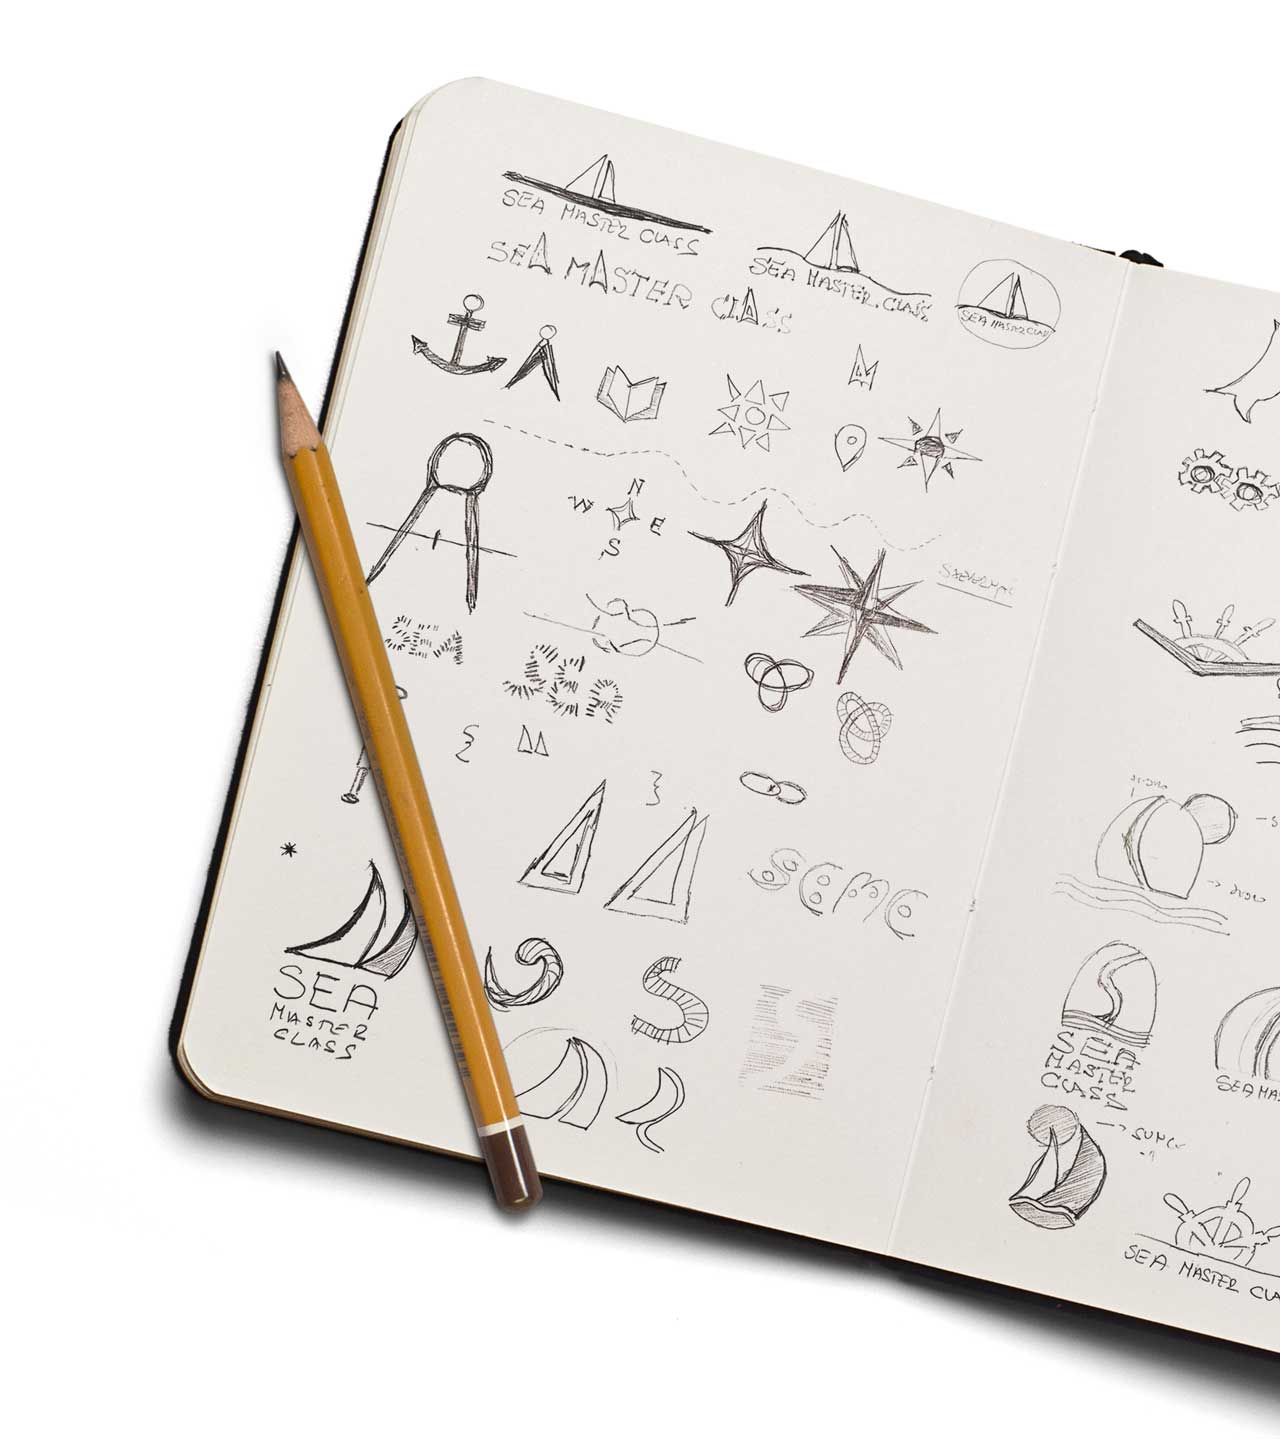 Sea Naster Class logo sketch